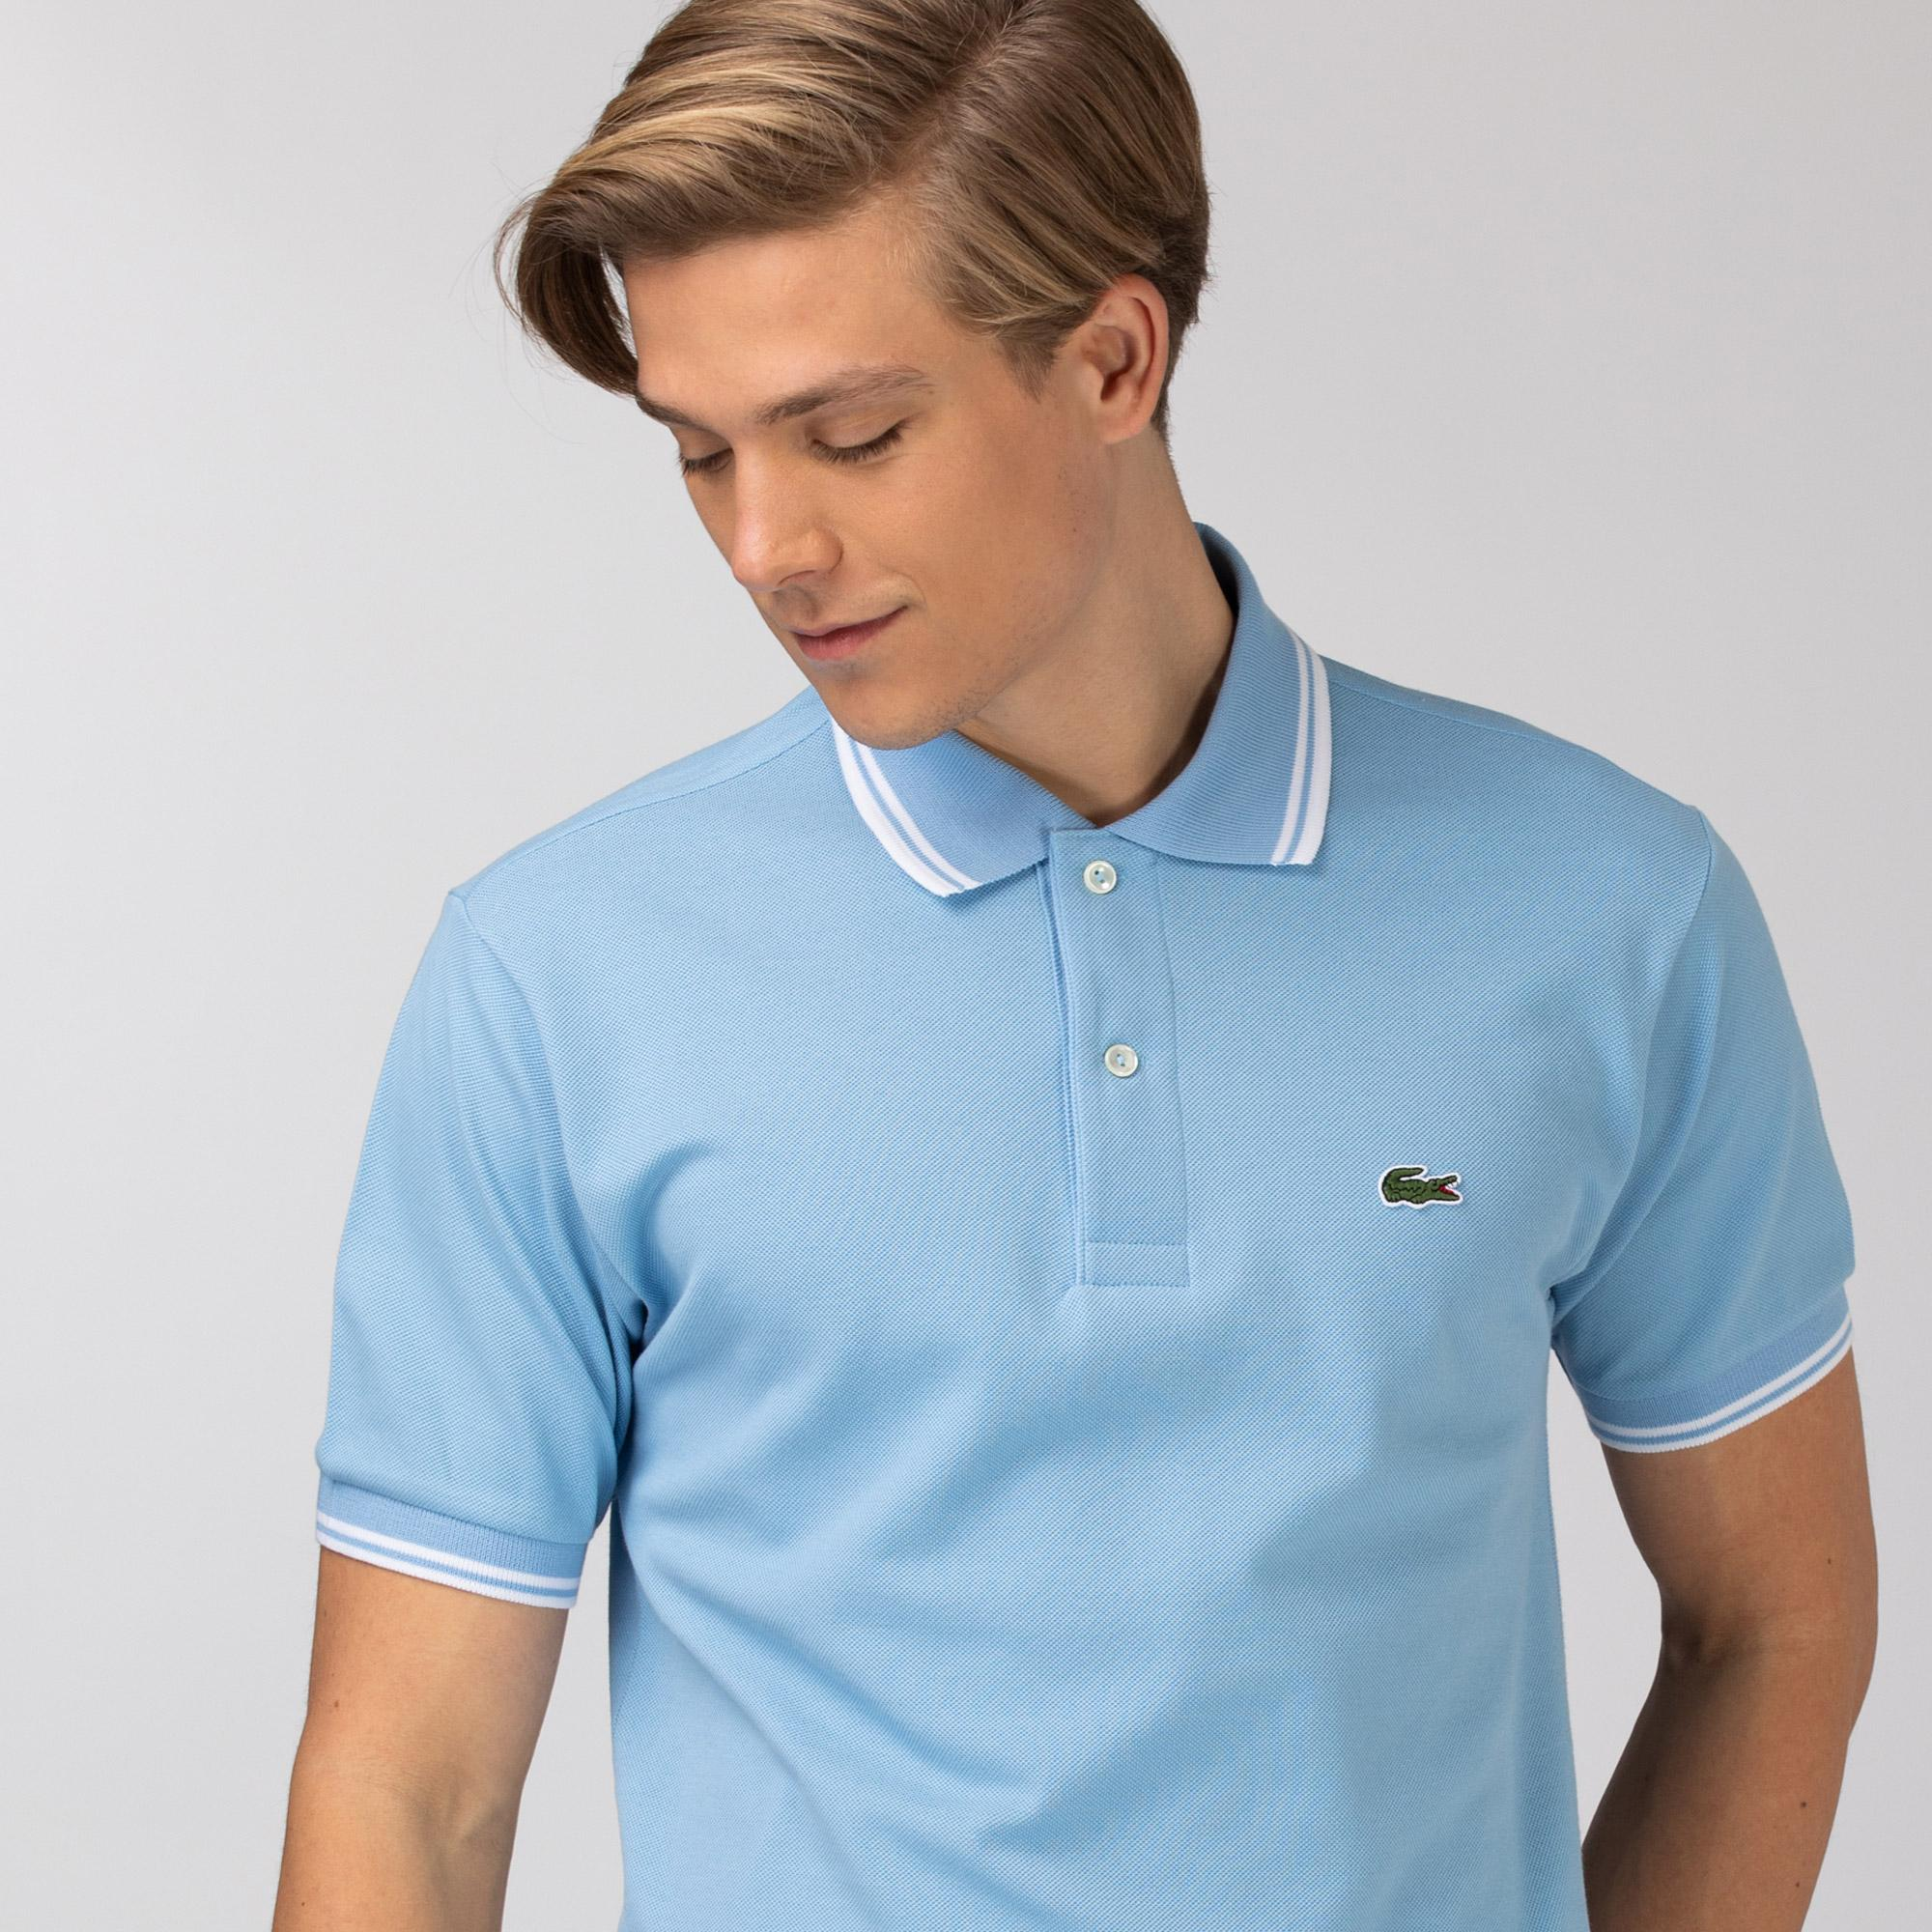 Lacoste Męska koszulka polo Classic Fit z piki bawełnianej z akcentami w postaci pasków